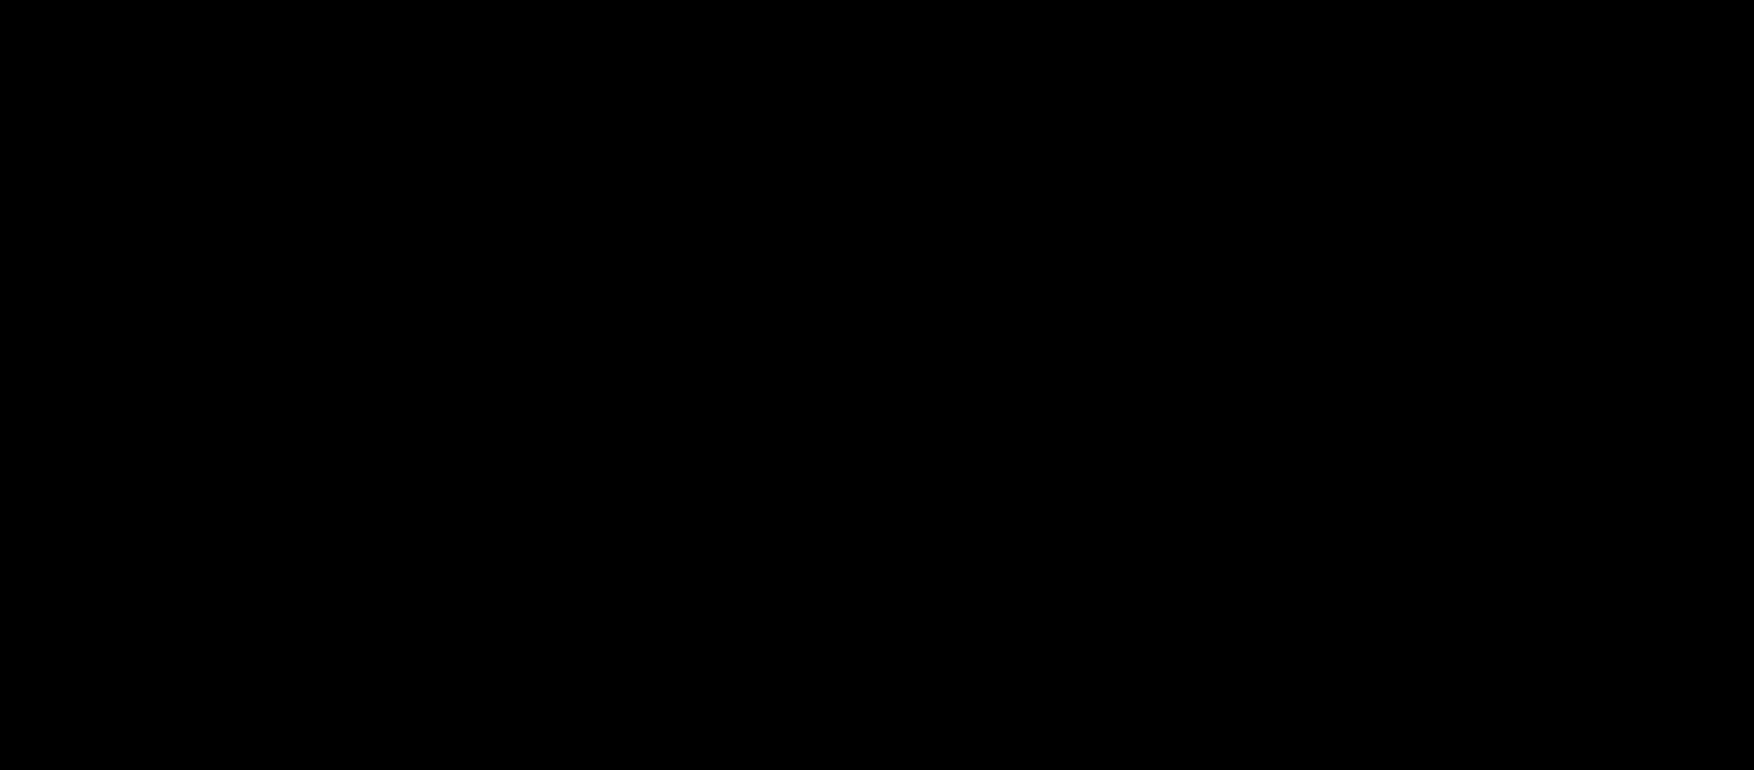 Impact logo black icon